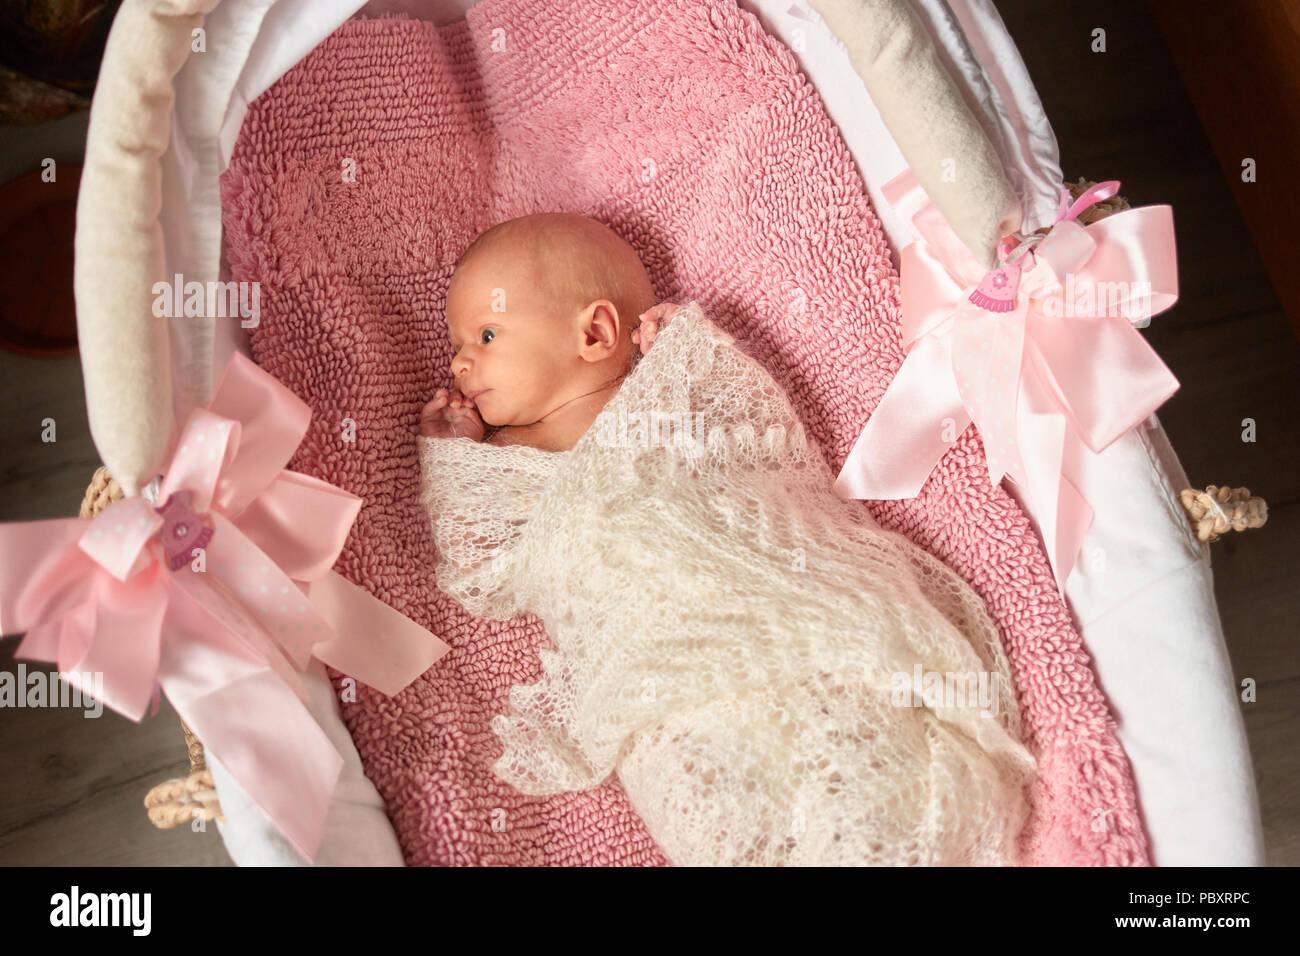 Neugeborenes Madchen In Kinderwagen Sieht Uberrascht Kind Eingewickelt In Woolean Decke Aufmerksam Stockfotografie Alamy